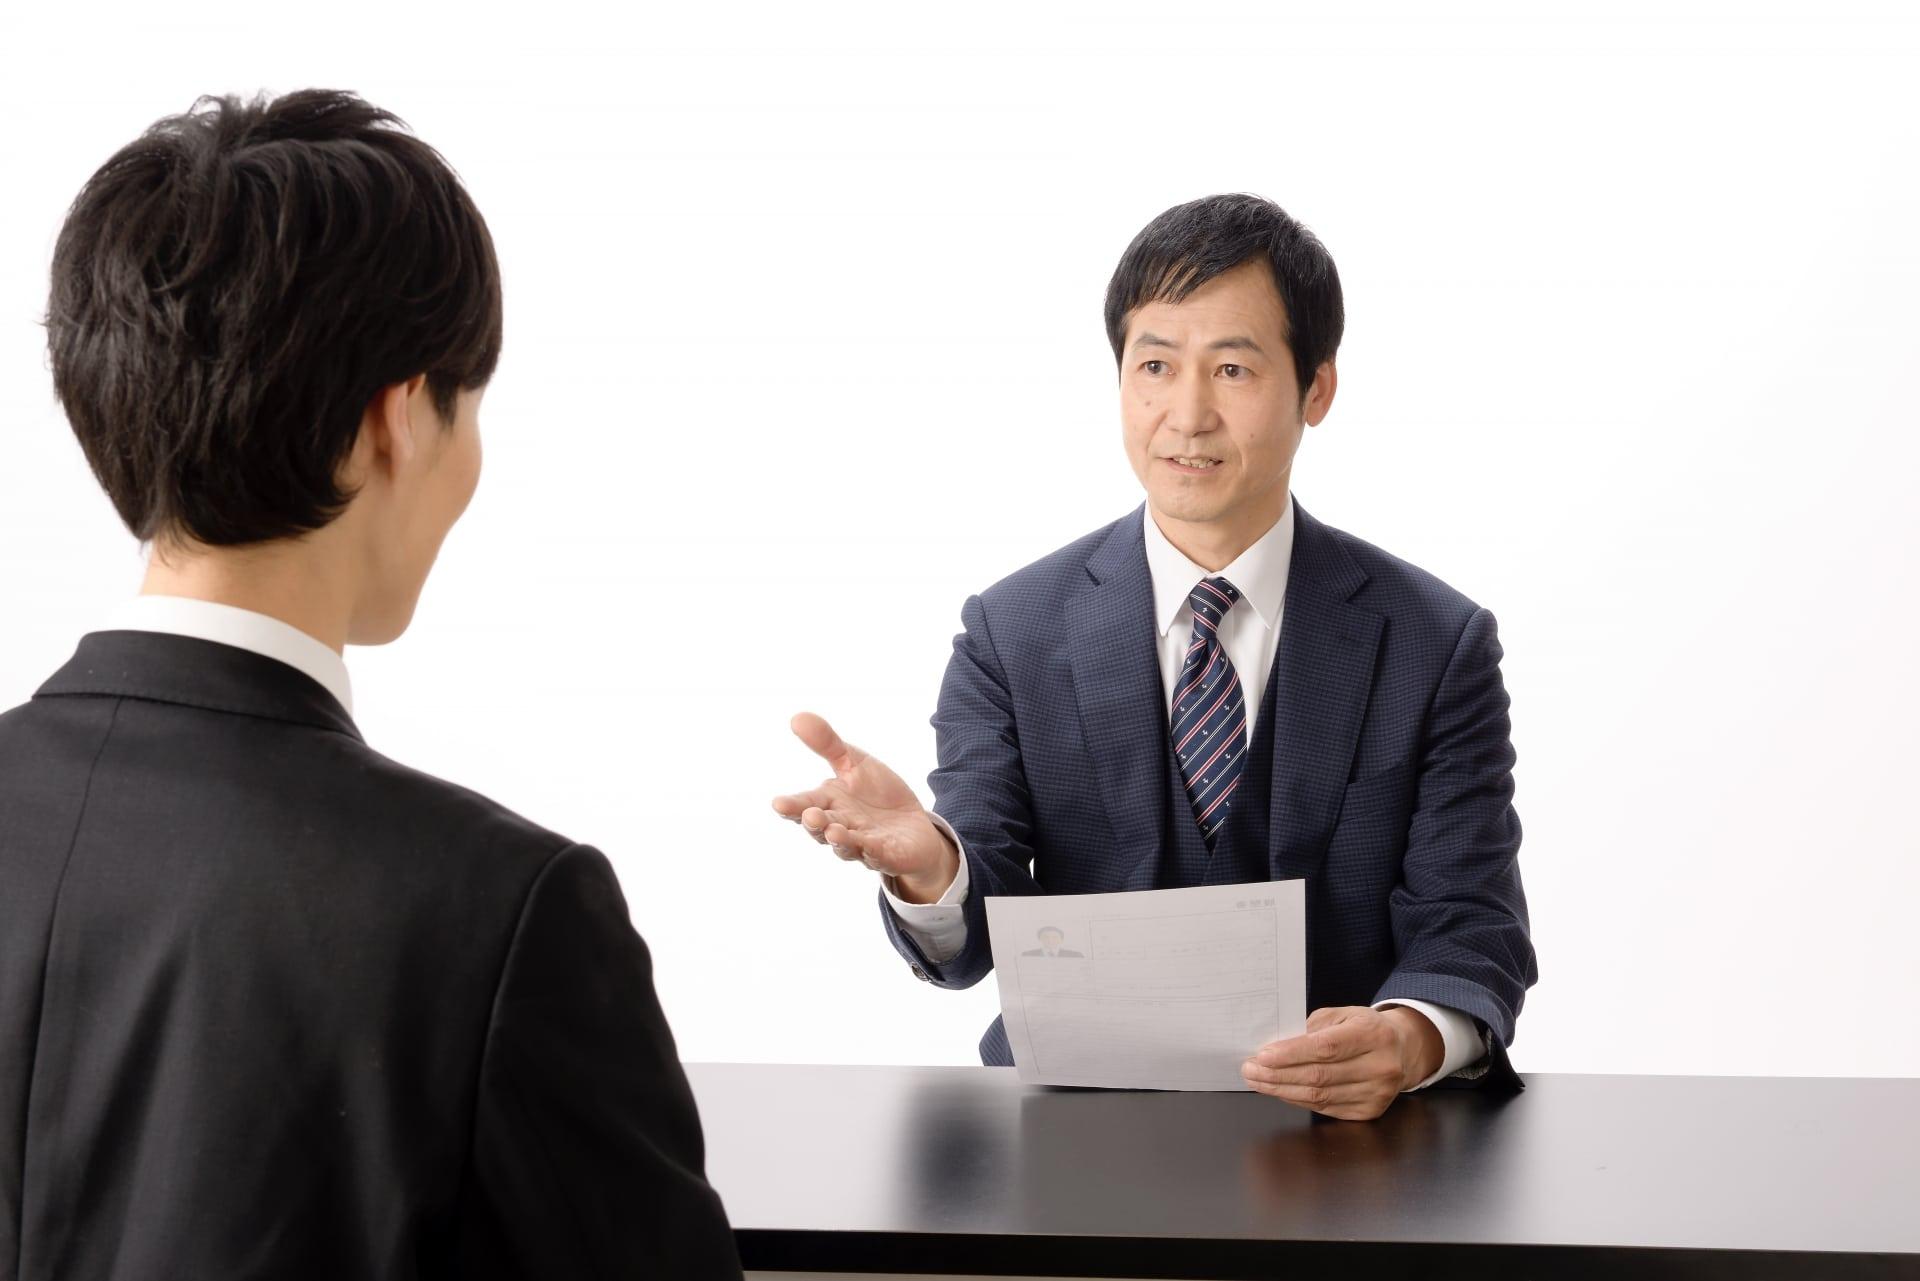 就活生に聞いた就職ではなく留年を選んだ理由